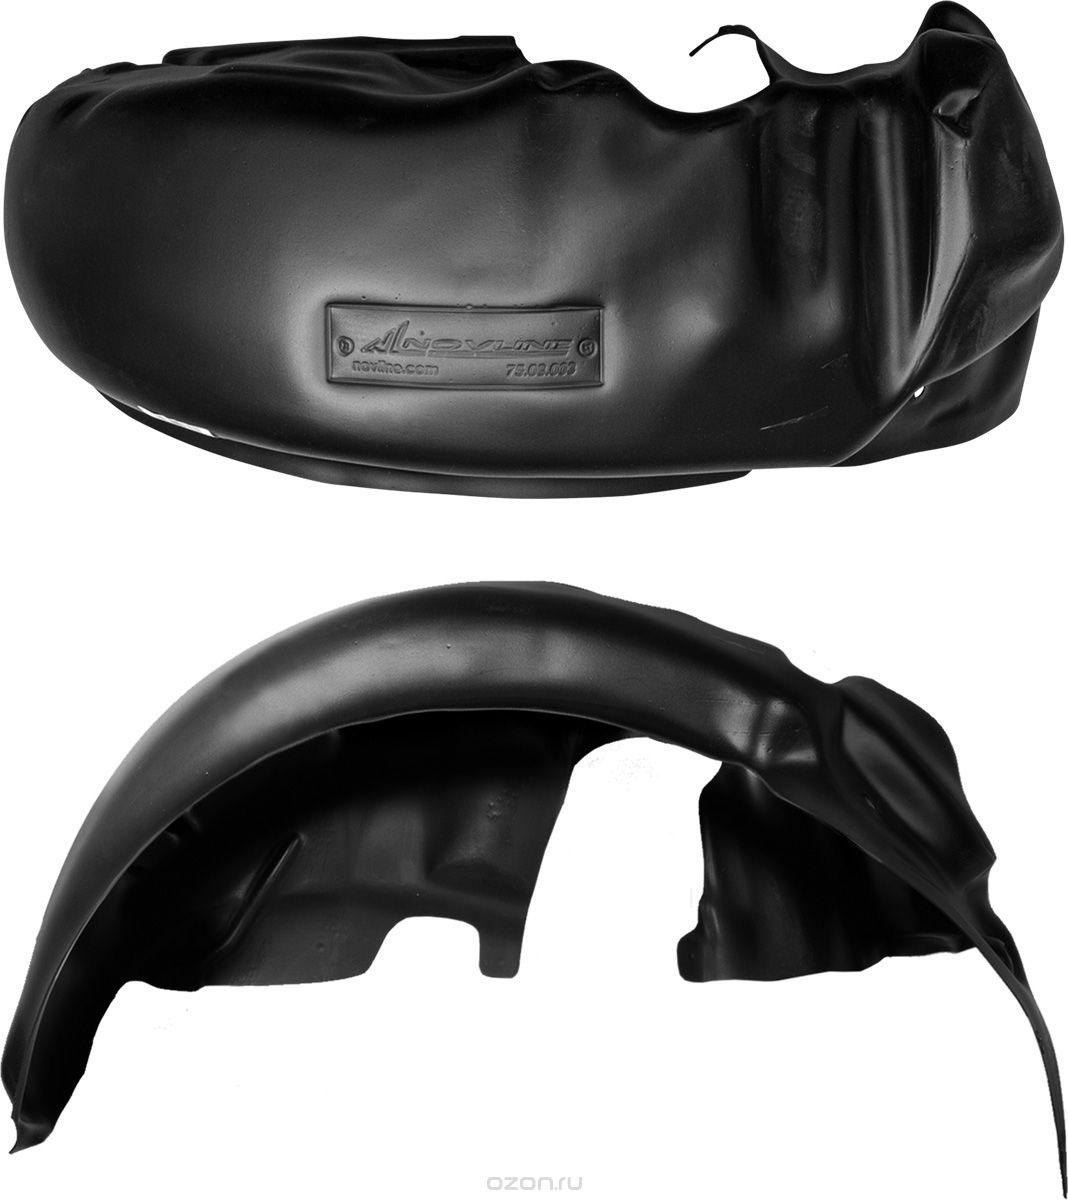 Подкрылок Novline-Autofamily, для GEELY Emgrand X7, 2013->, задний левыйNLL.75.07.003Идеальная защита колесной ниши. Локеры разработаны с применением цифровых технологий, гарантируют максимальную повторяемость поверхности арки. Изделия устанавливаются без нарушения лакокрасочного покрытия автомобиля, каждый подкрылок комплектуется крепежом. Уважаемые клиенты, обращаем ваше внимание, что фотографии на подкрылки универсальные и не отражают реальную форму изделия. При этом само изделие идет точно под размер указанного автомобиля.